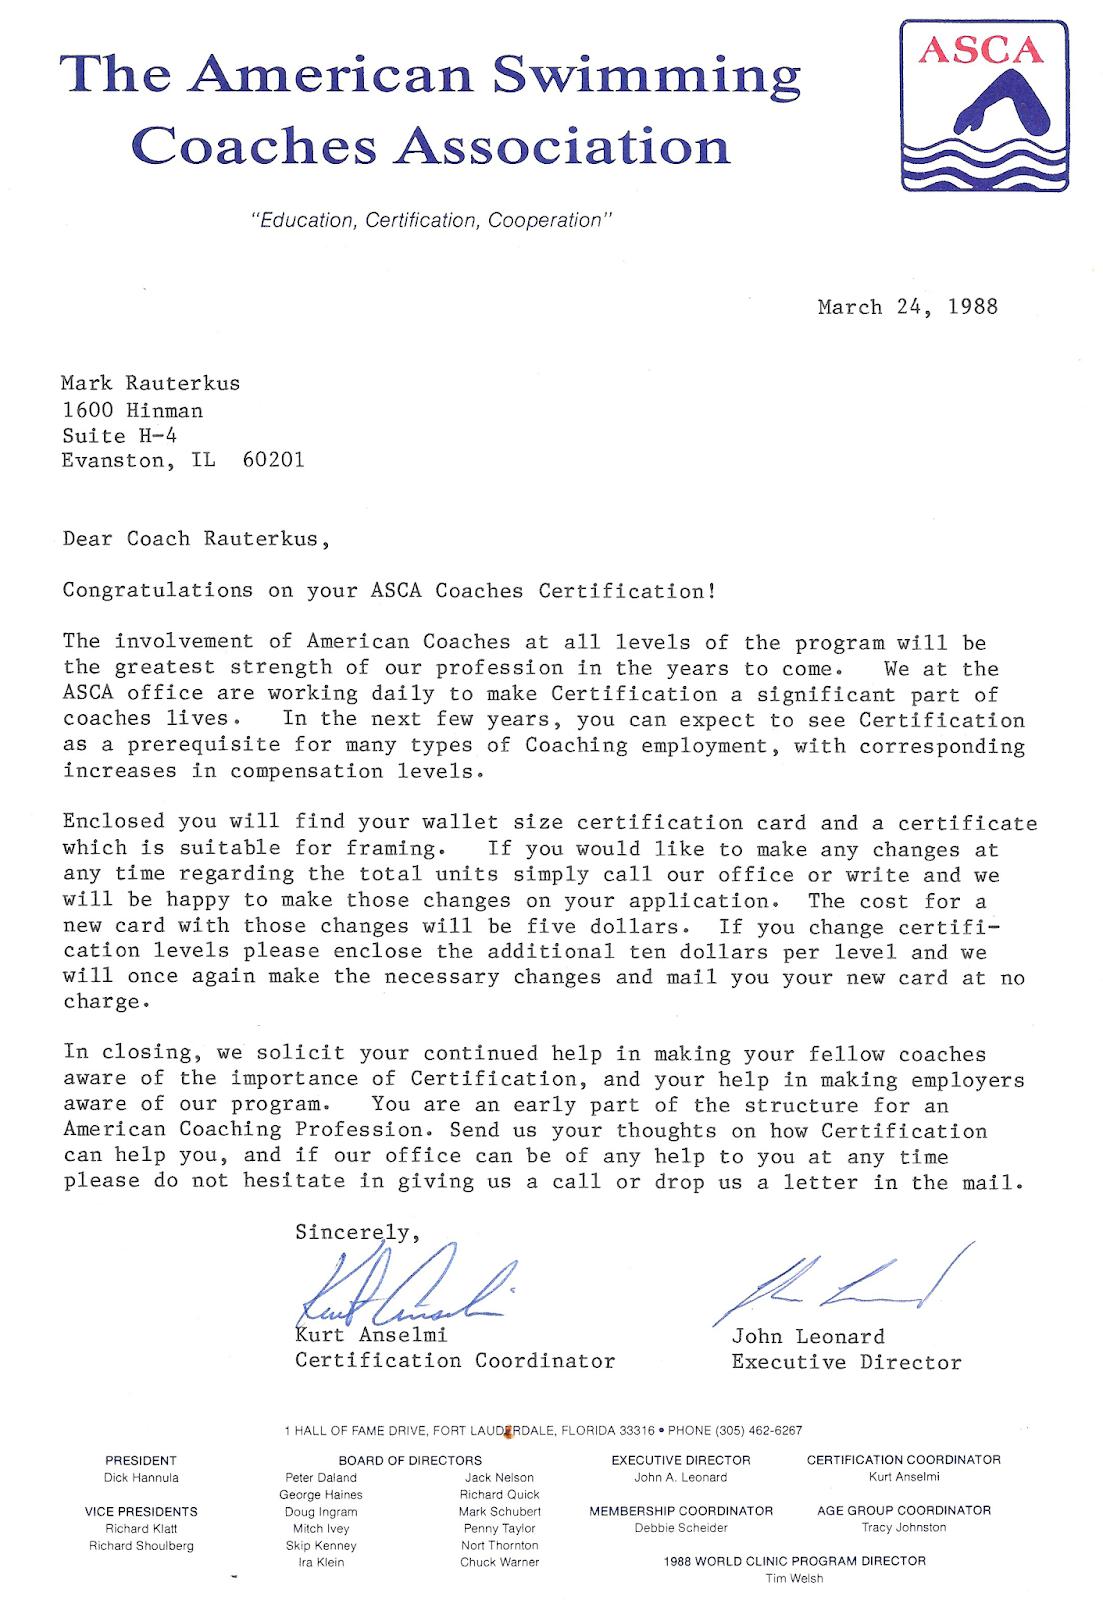 Mark Rauterkus Running Mates Ponder Current Events March 1988